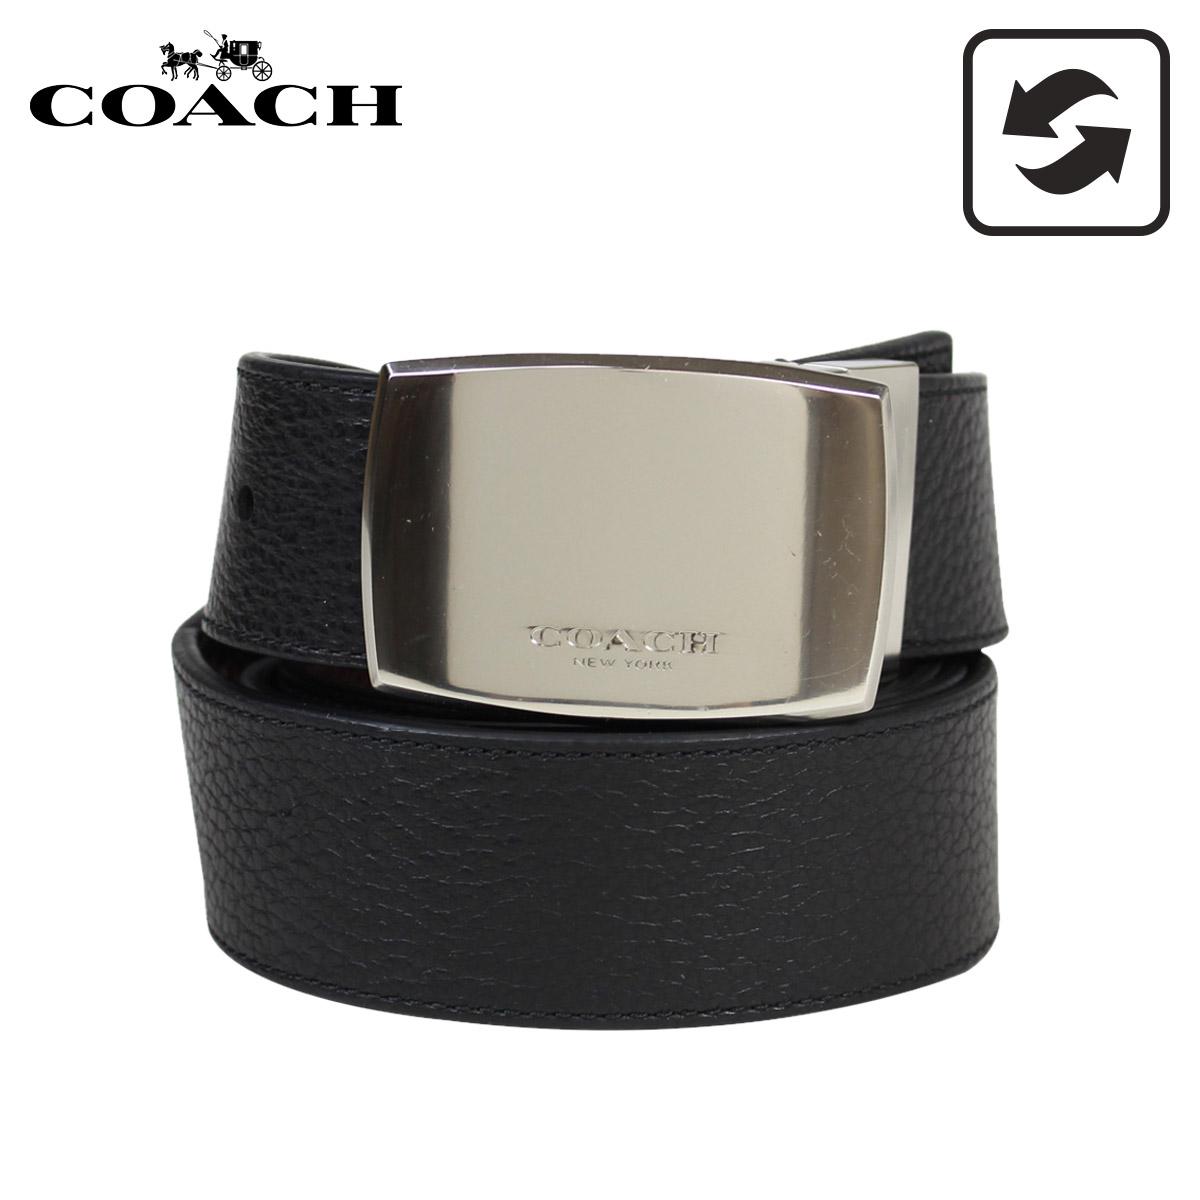 COACH コーチ ベルト レザーベルト メンズ リバーシブル 革 ブラック 黒 ブラウン F64842 [3/1 再入荷]